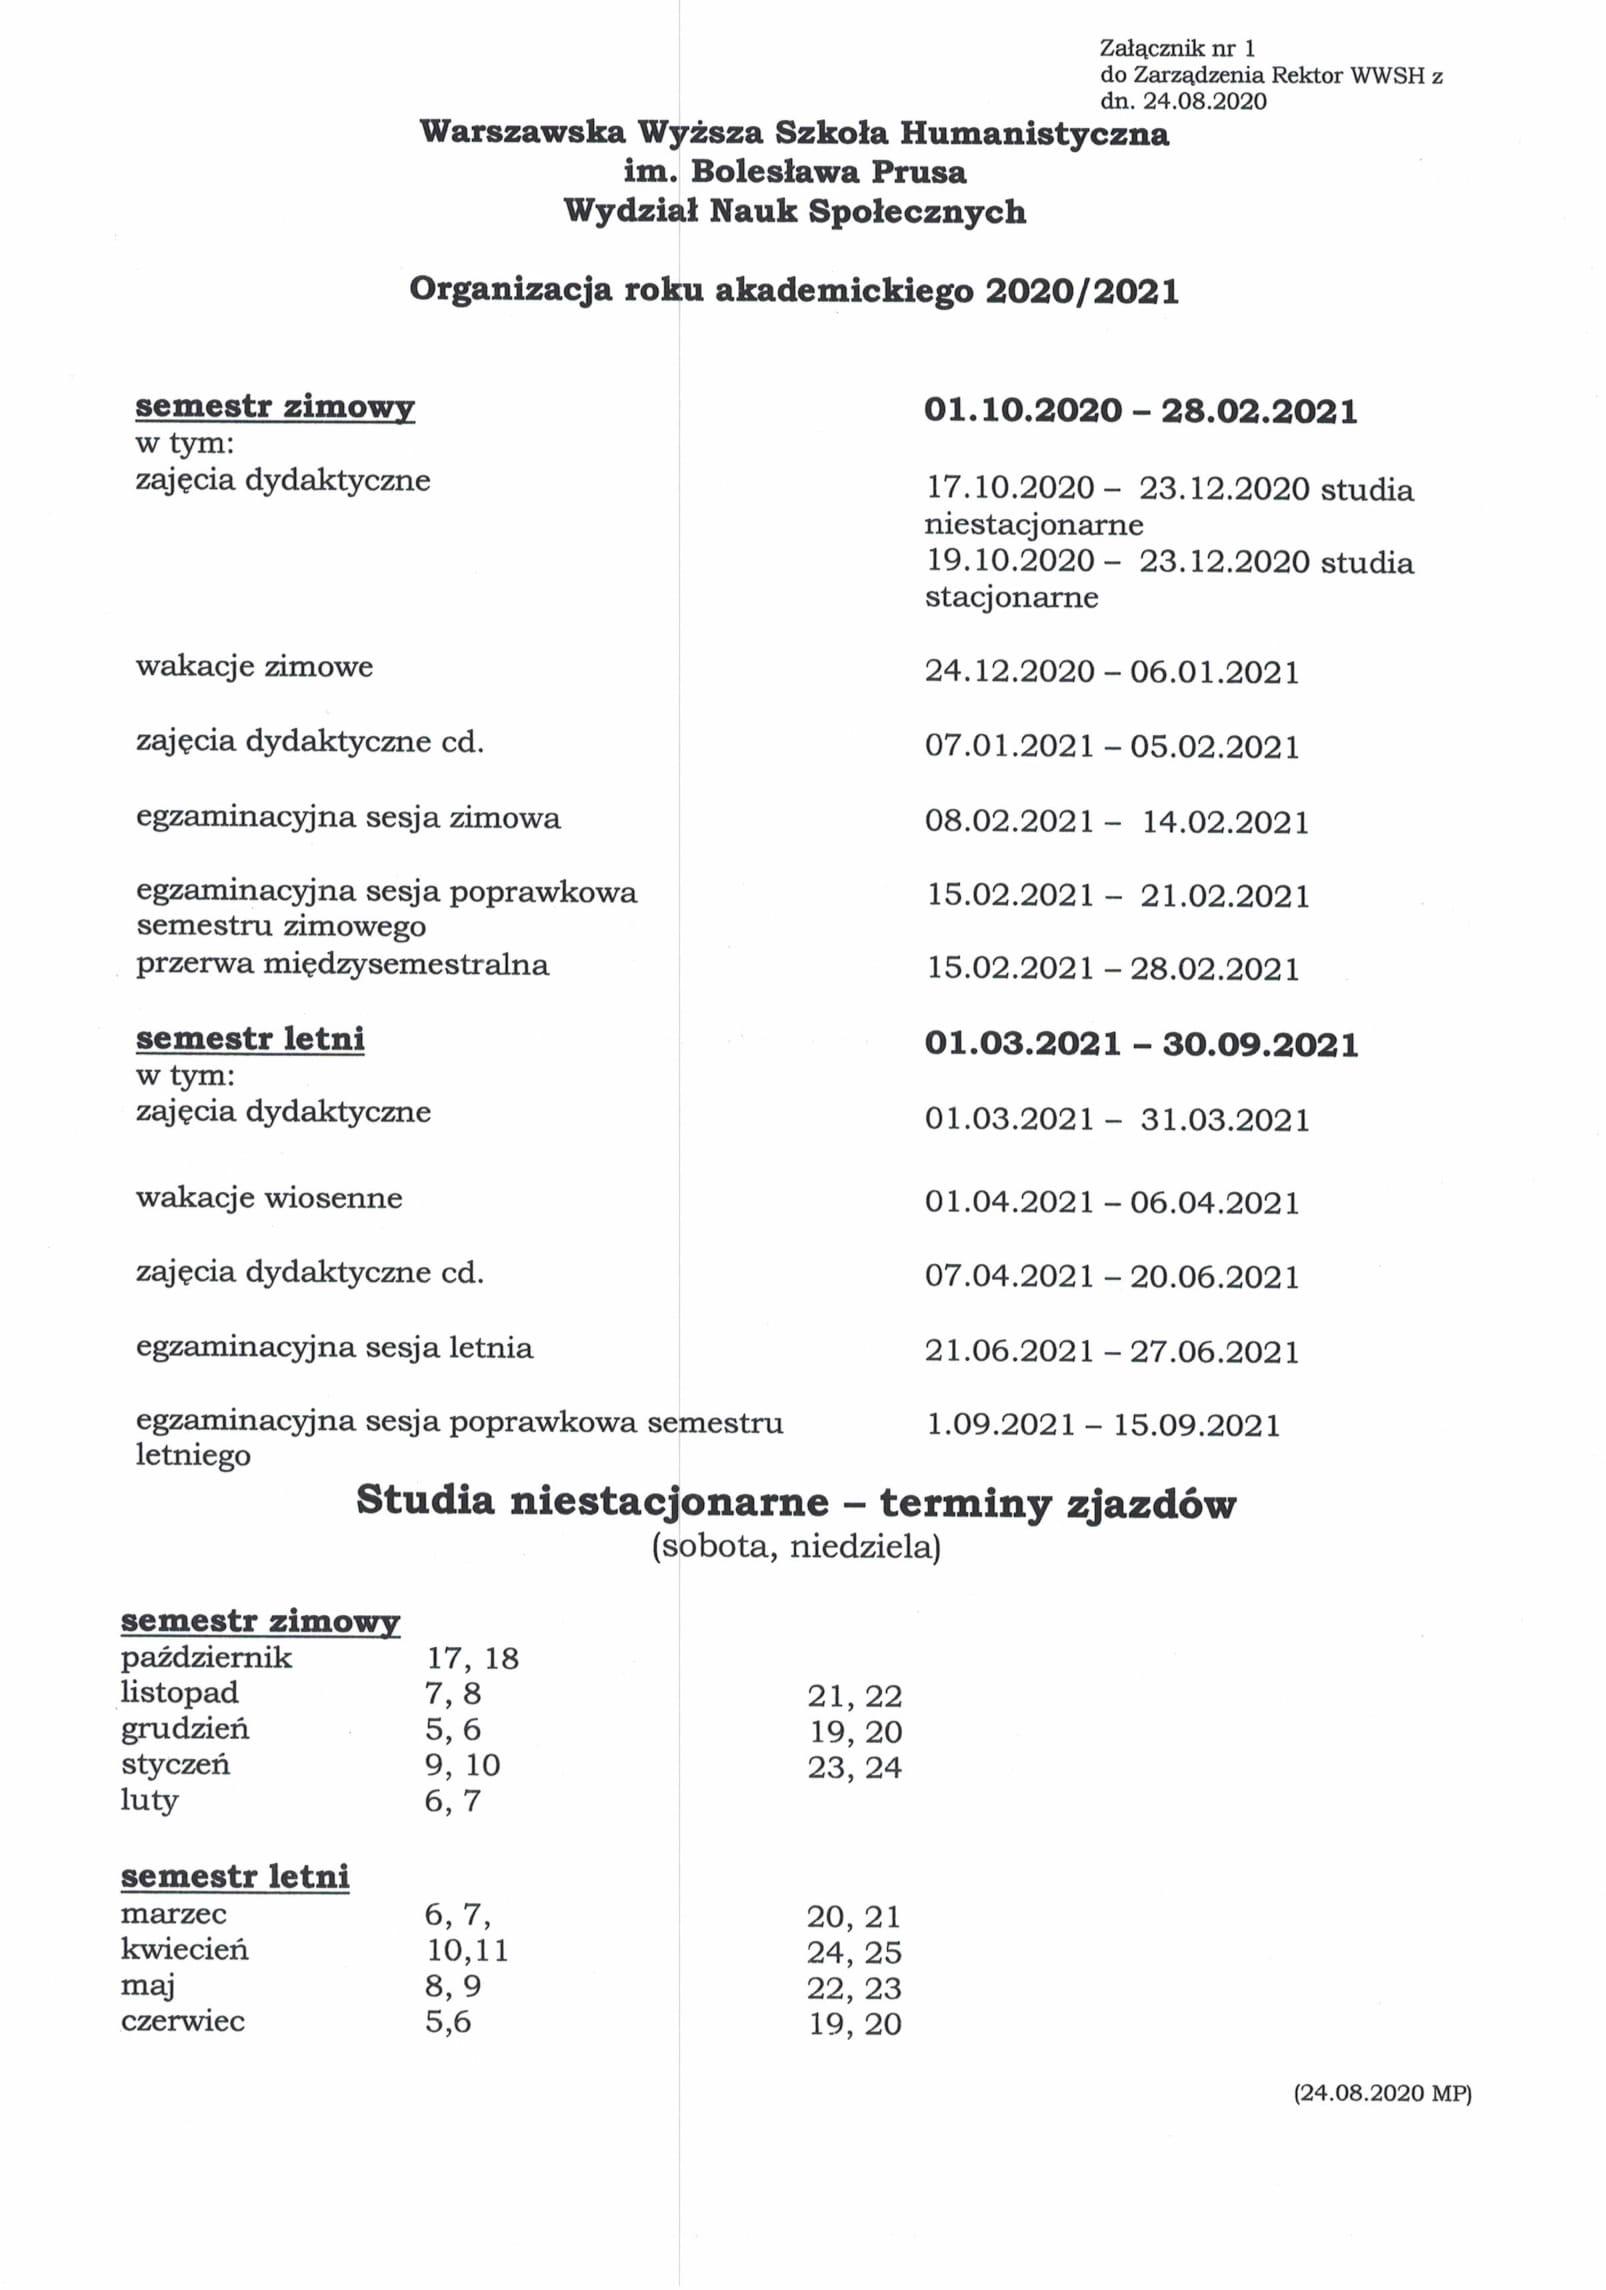 Zarządzenie Rektor_Organizacja roku akad.20_21_24.08.2020-3